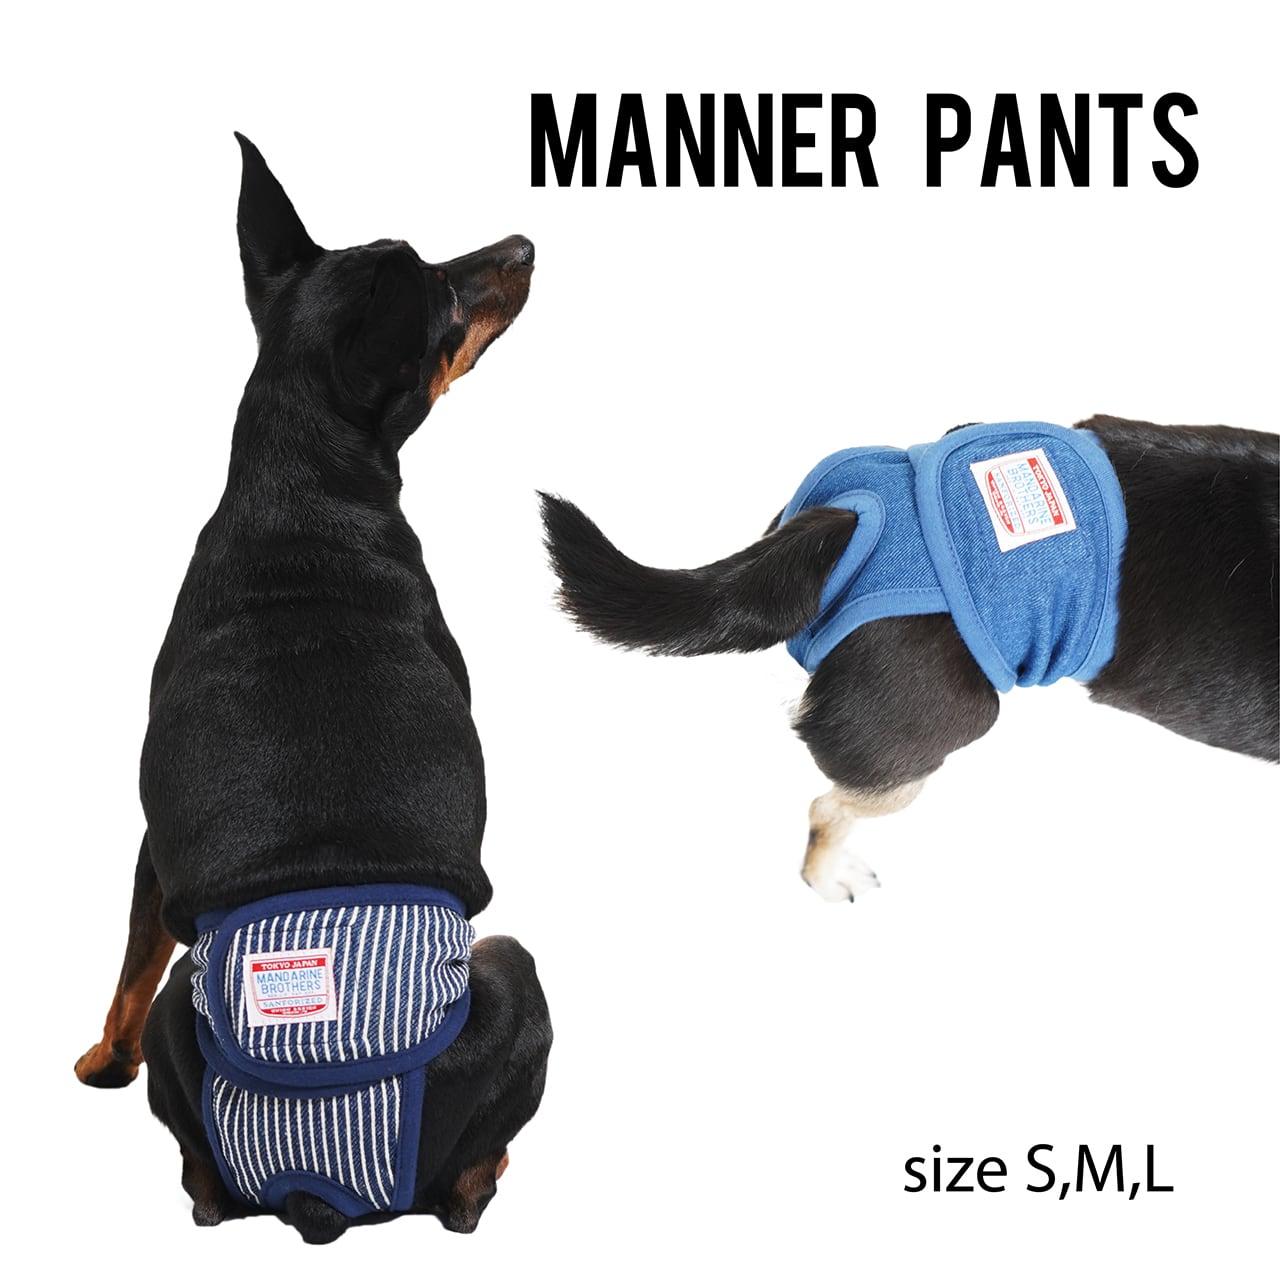 MANNER PANTS(S,M,L)マナーパンツ